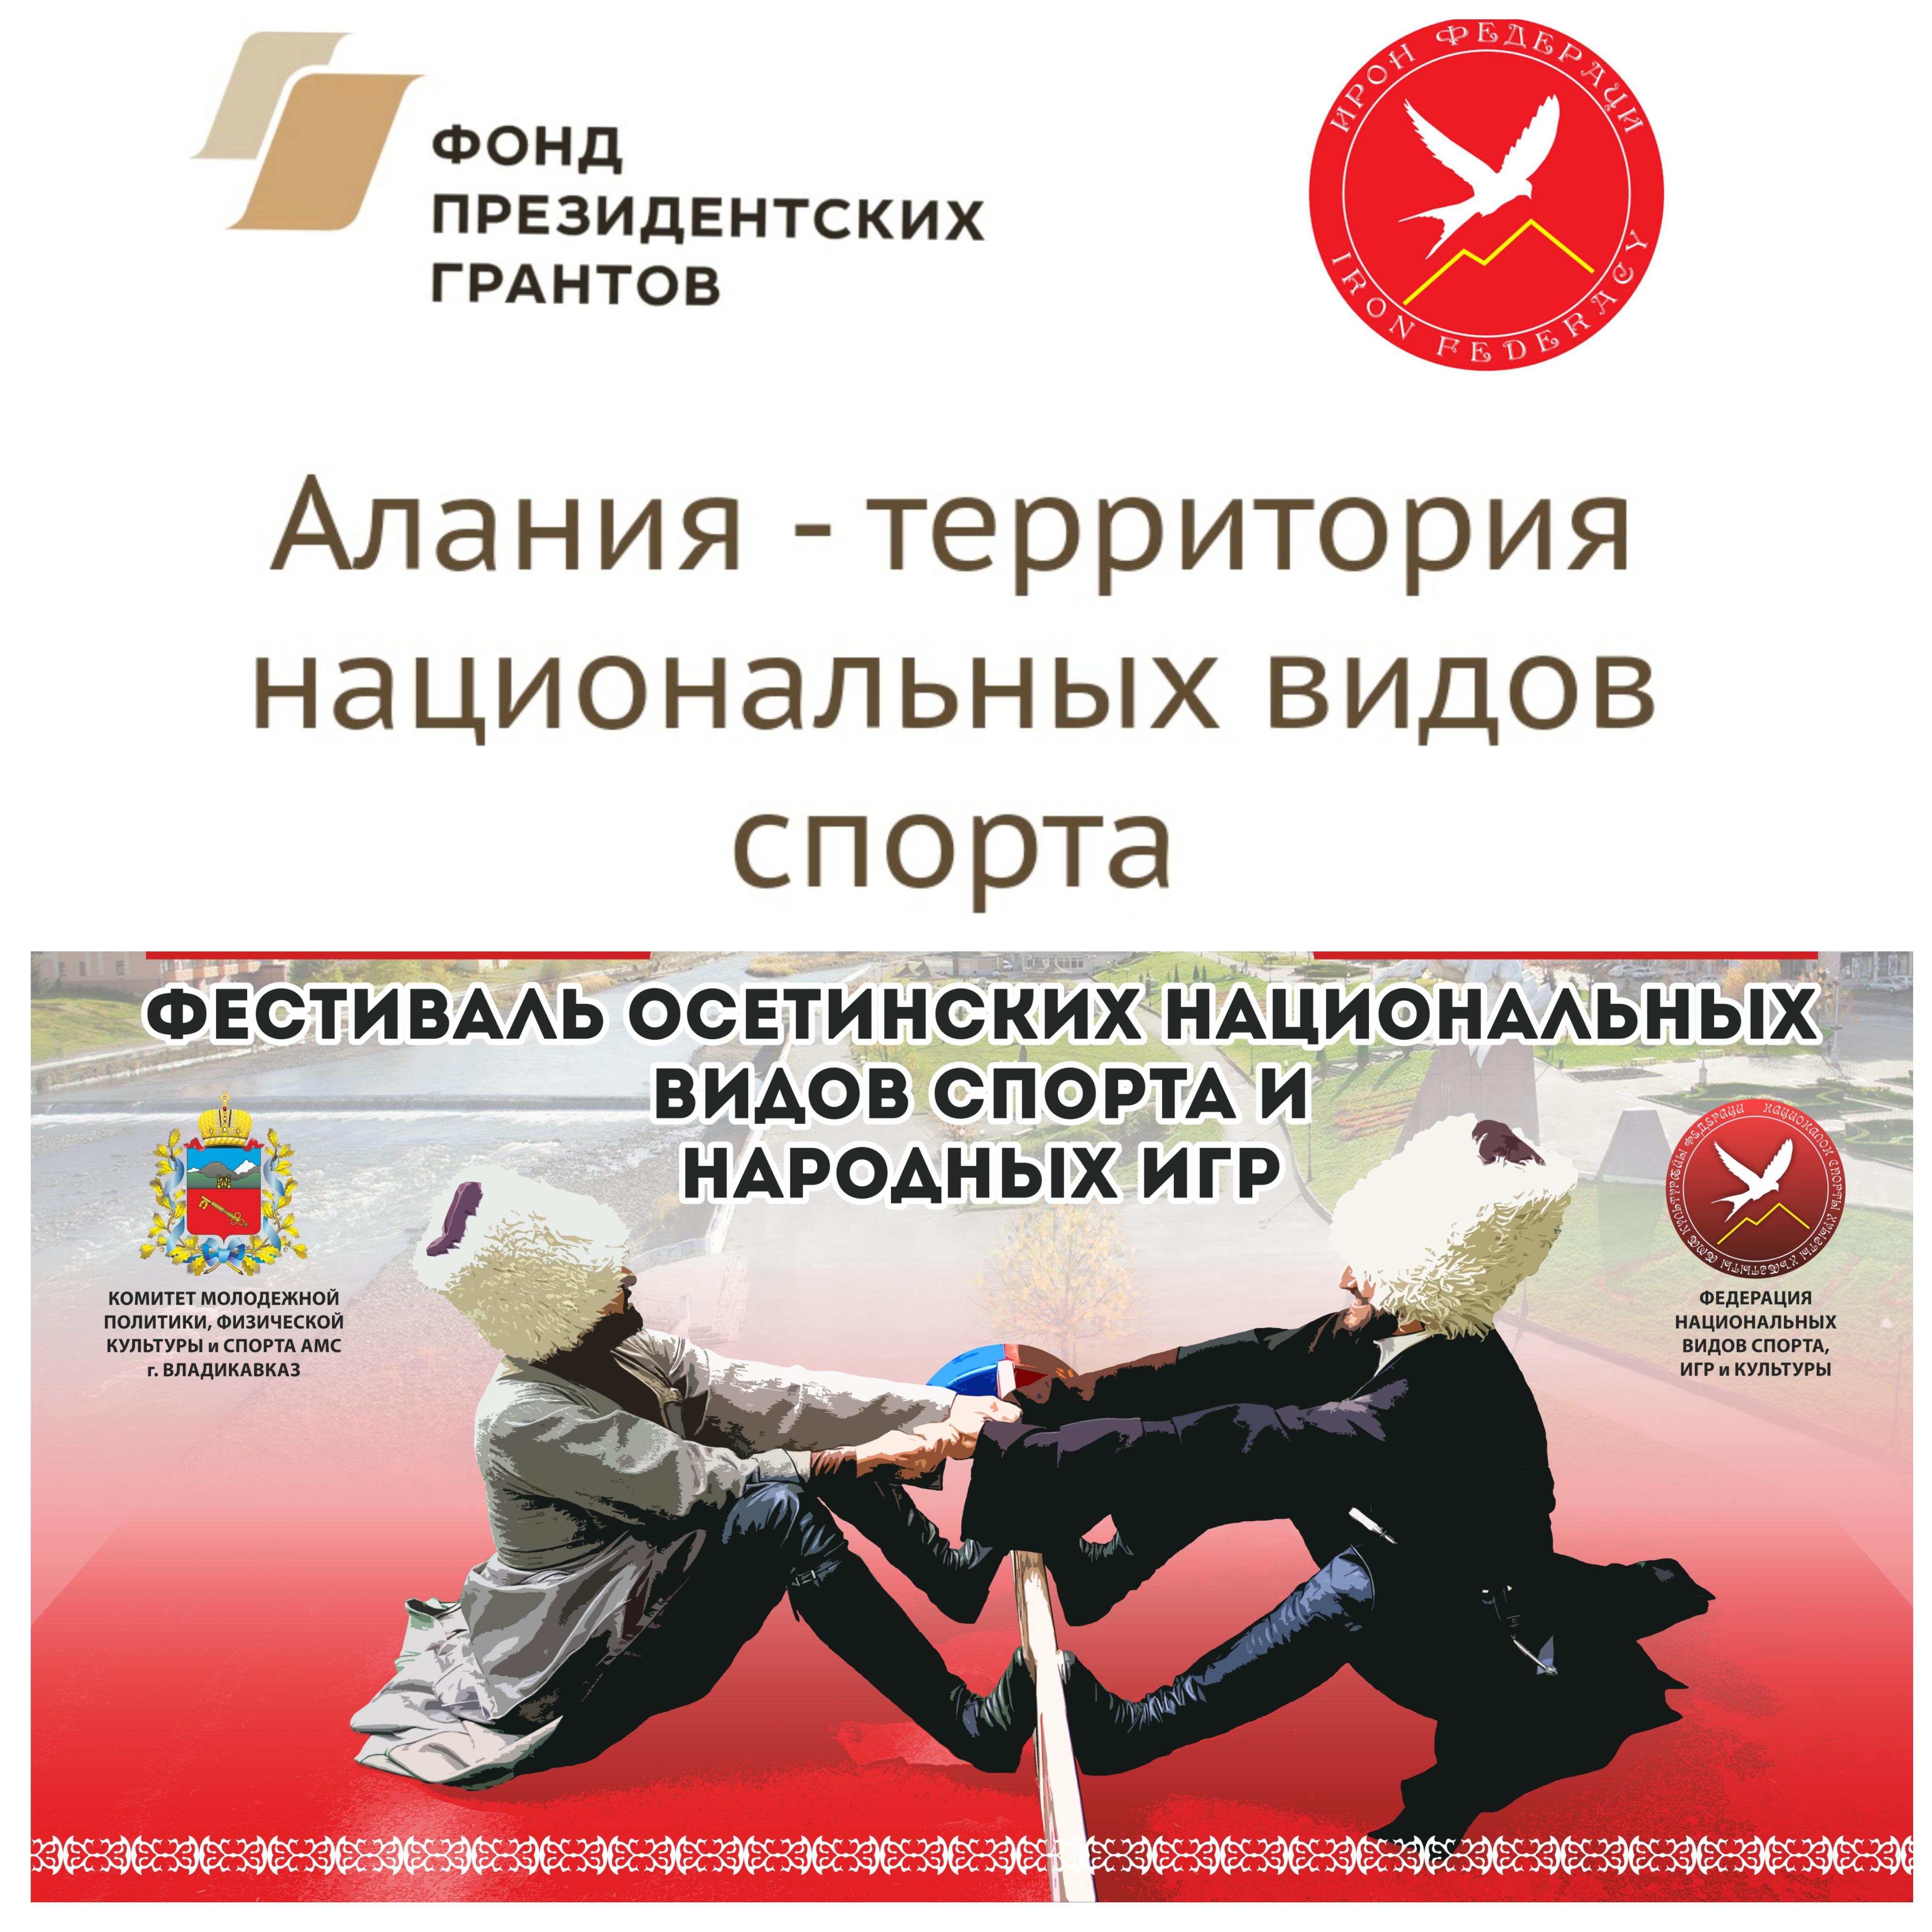 Ирон Федерация подвела итоги проекта «Алания – территориянациональных видов спорта»